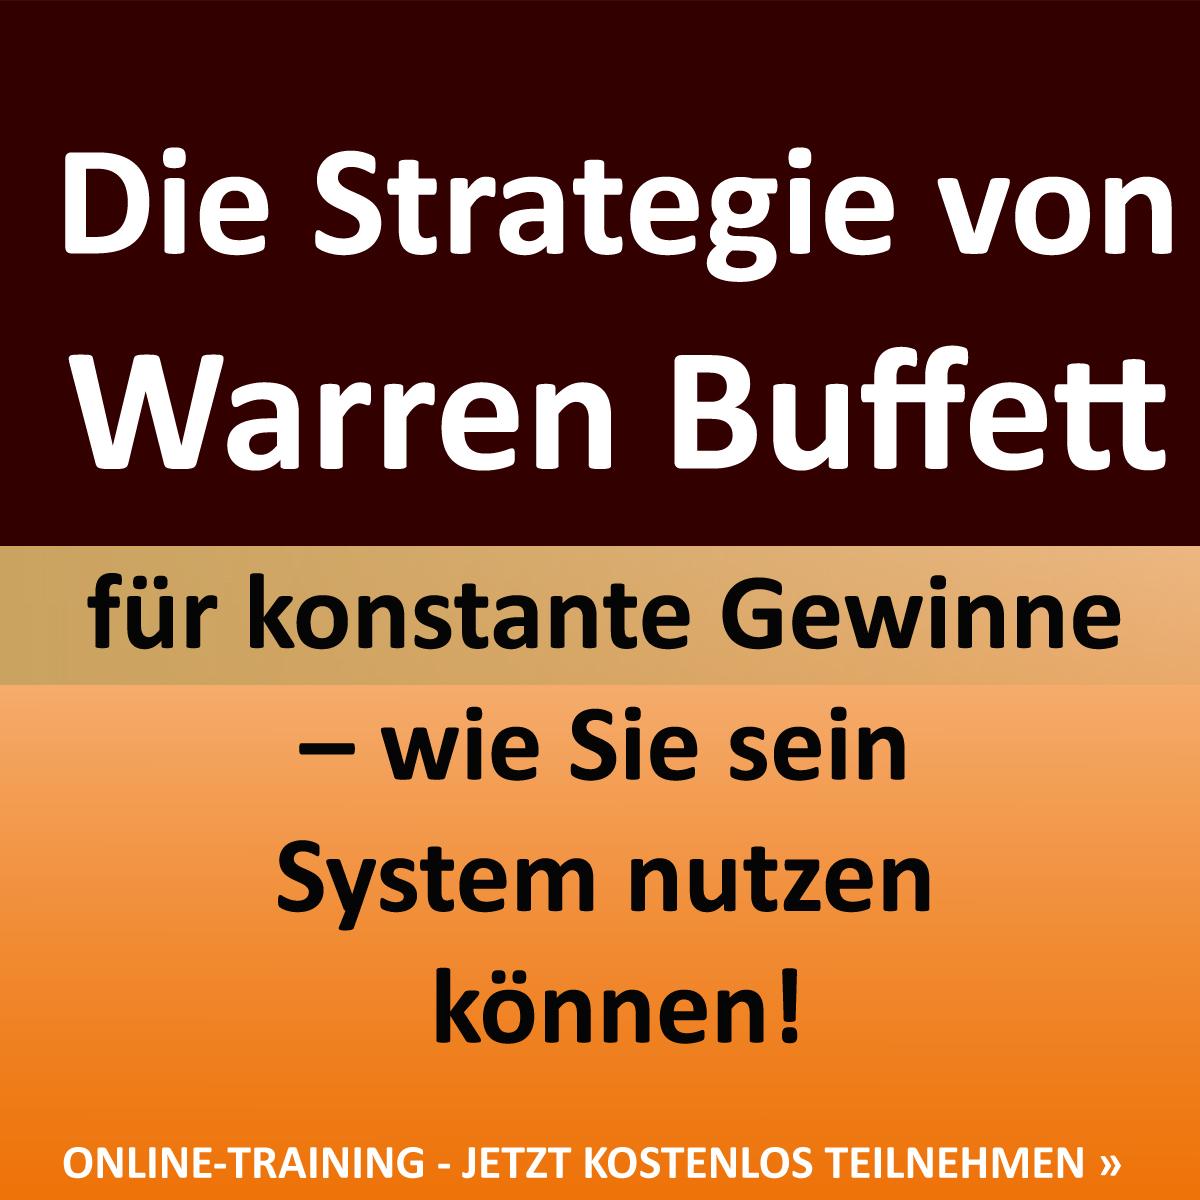 💎🌟 Der Weg zum Erfolg - Die Strategie von Warren Buffett für konstante Gewinne – wie Sie sein System nutzen können! ONLINE-TRAINING - JETZT KOSTENLOS TEILNEHMEN » https://goo.gl/92D3Gd 🌟💎